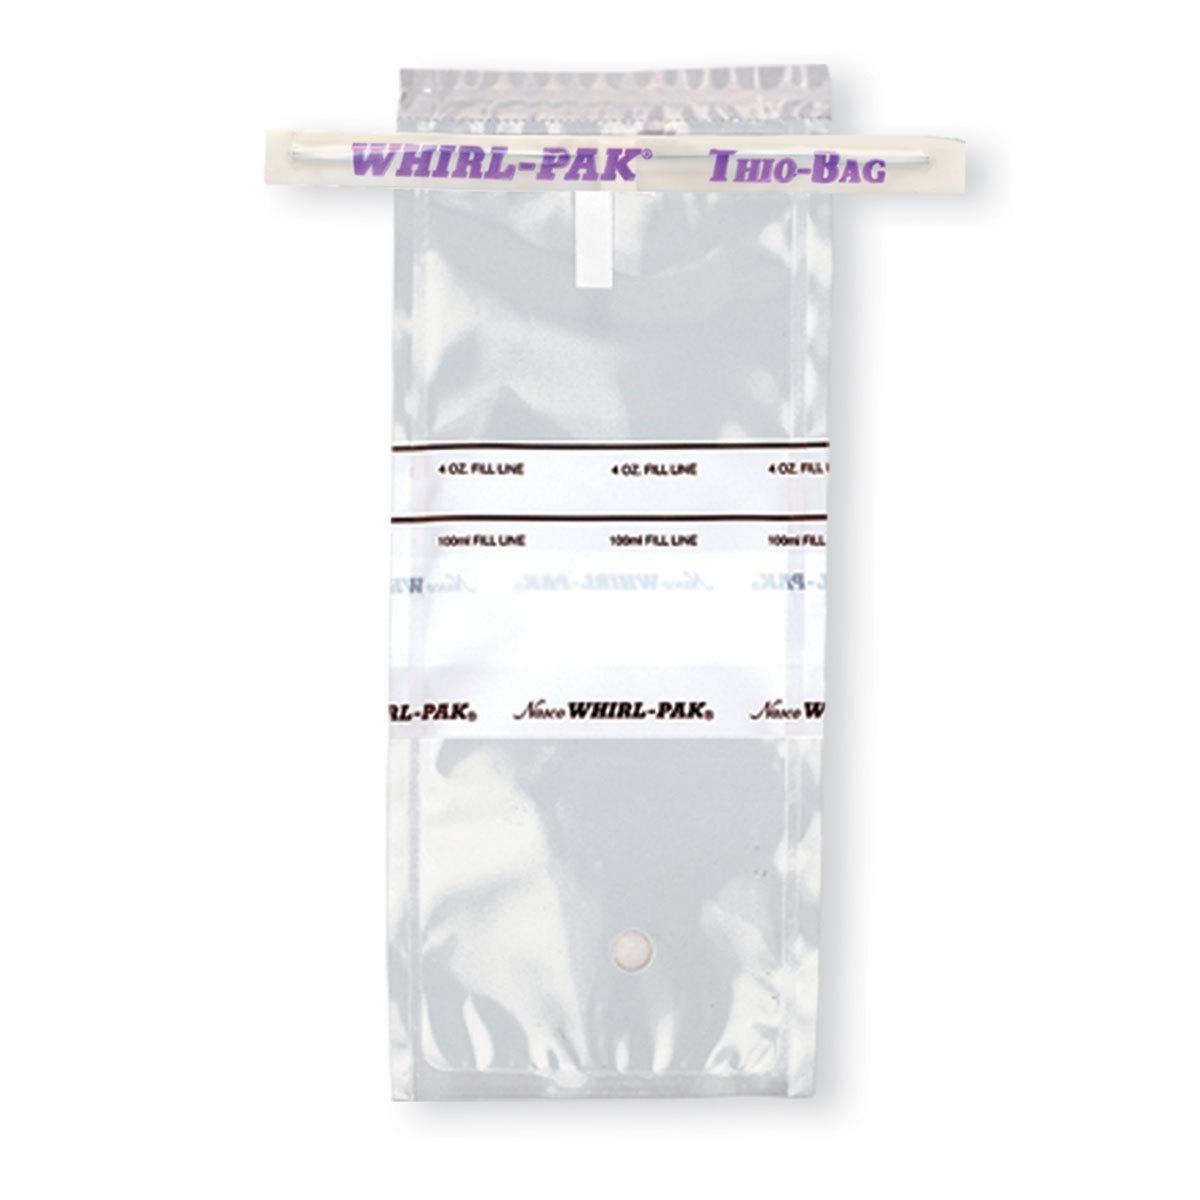 Специальные стерильные пакеты для отбора проб Whirl Pak THIO-BAGS